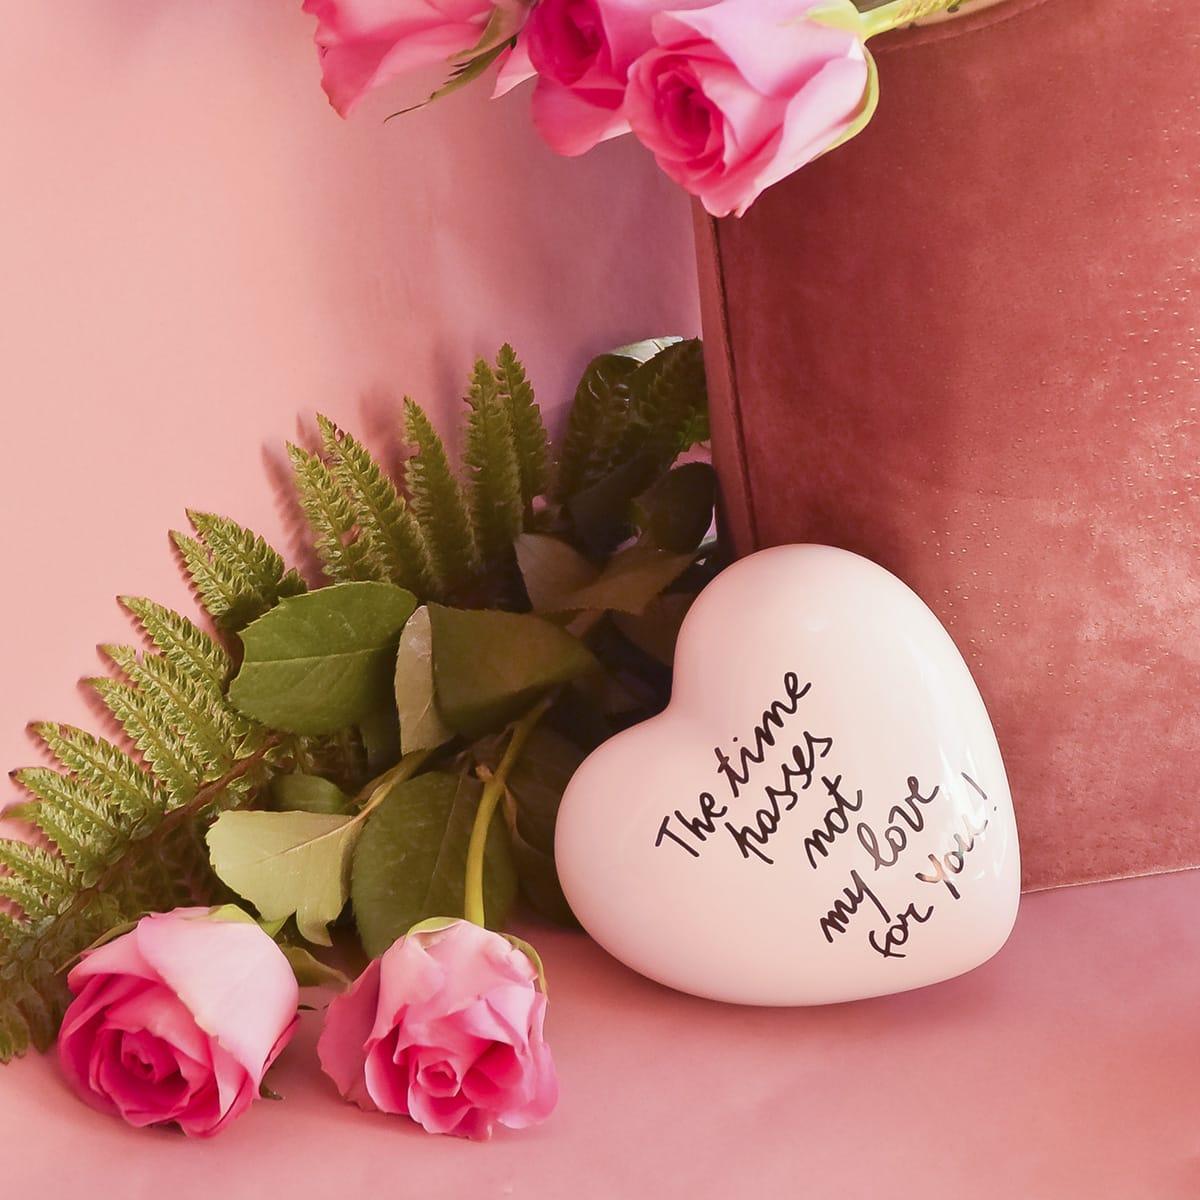 cuore in ceramica bianco con frase romantica in inglese accanto ad una borsa piena di rose rosa